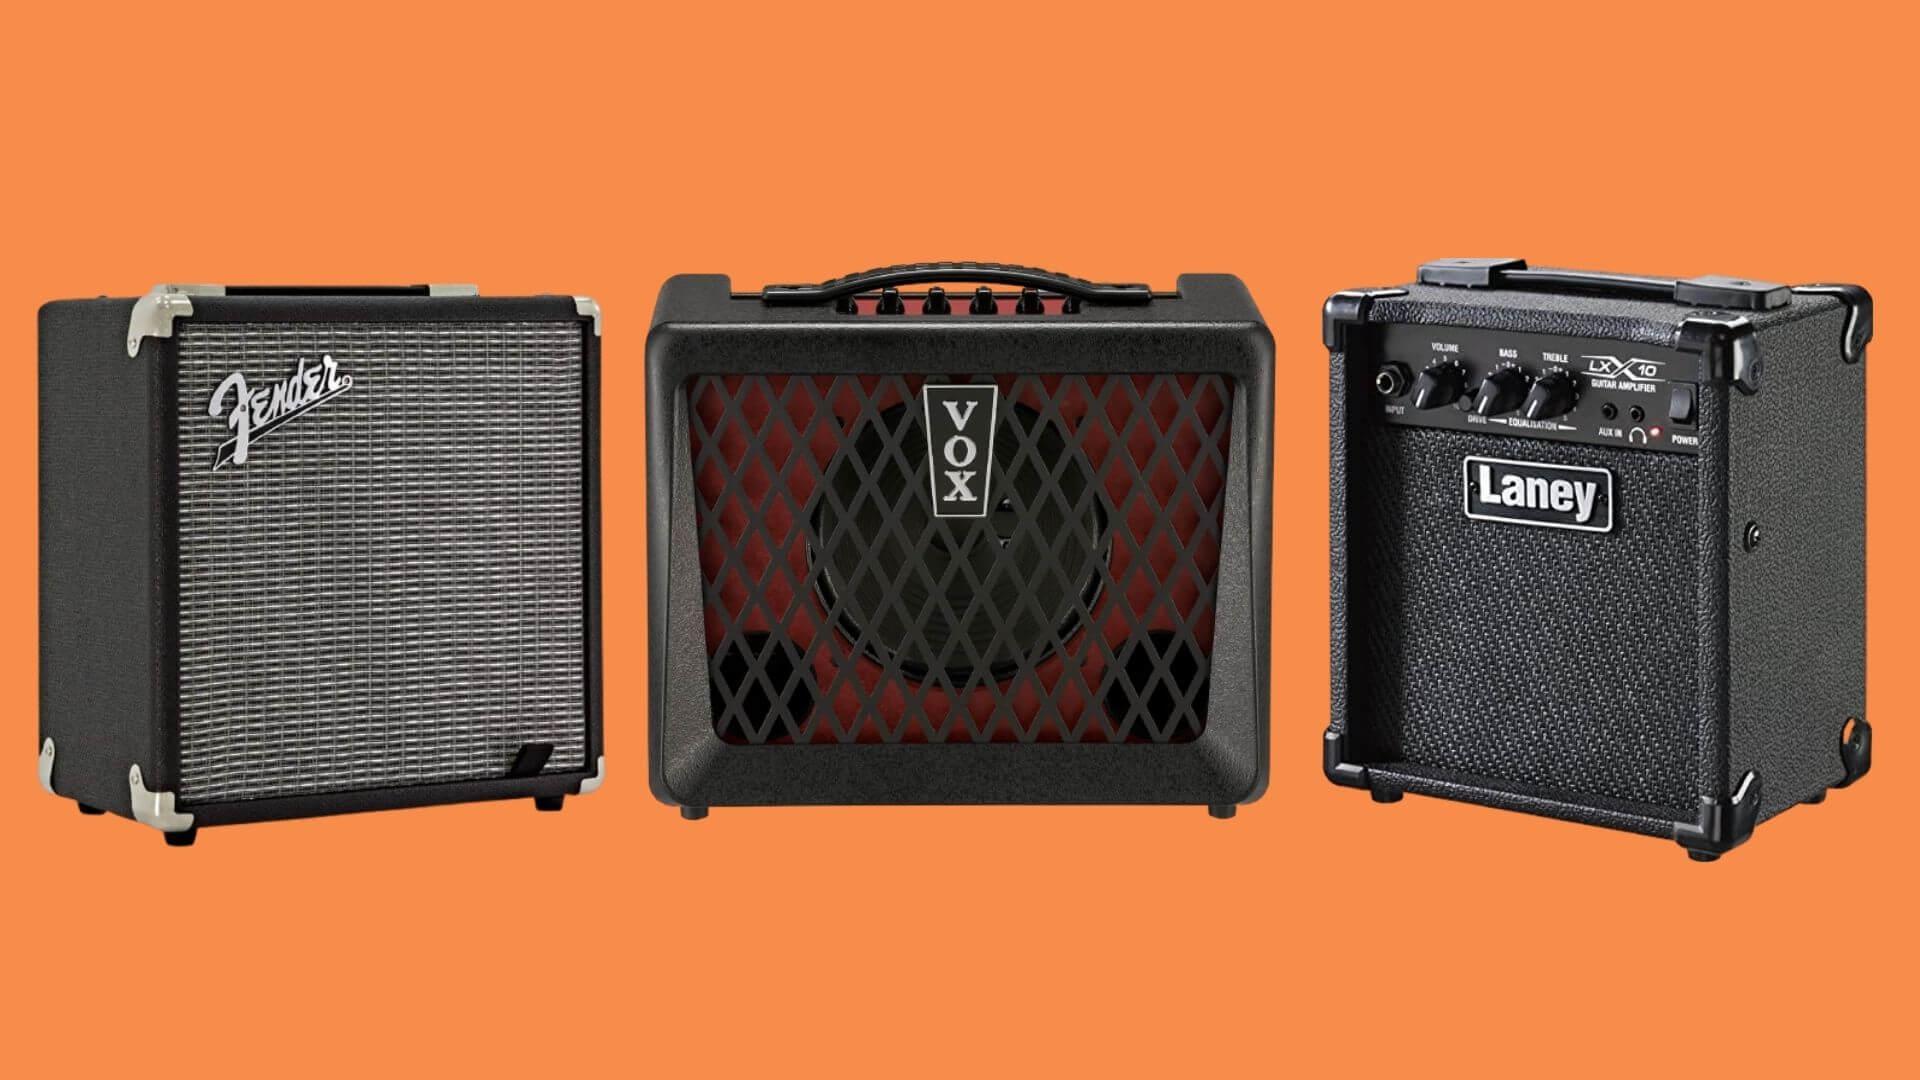 miglior-amplificatore-per-basso-elettrico